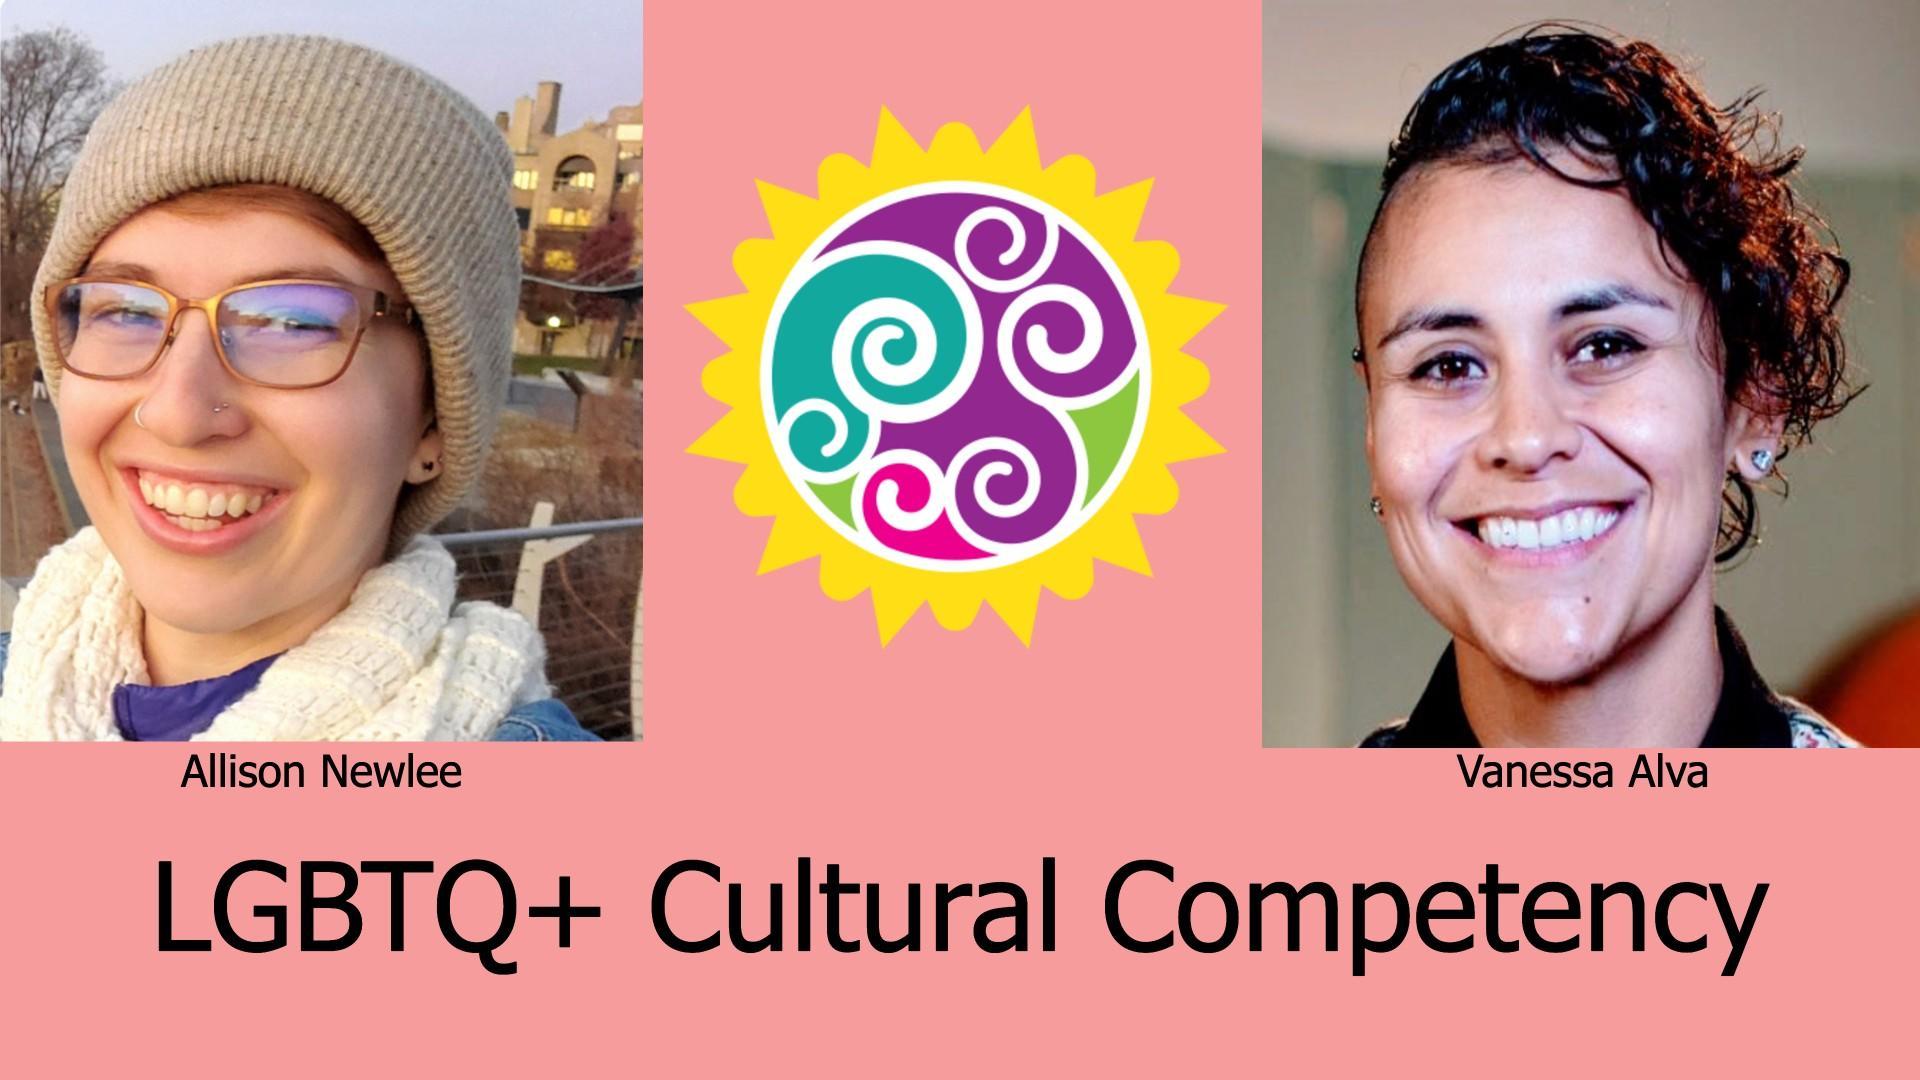 LGBTQ+ Cultural Competency